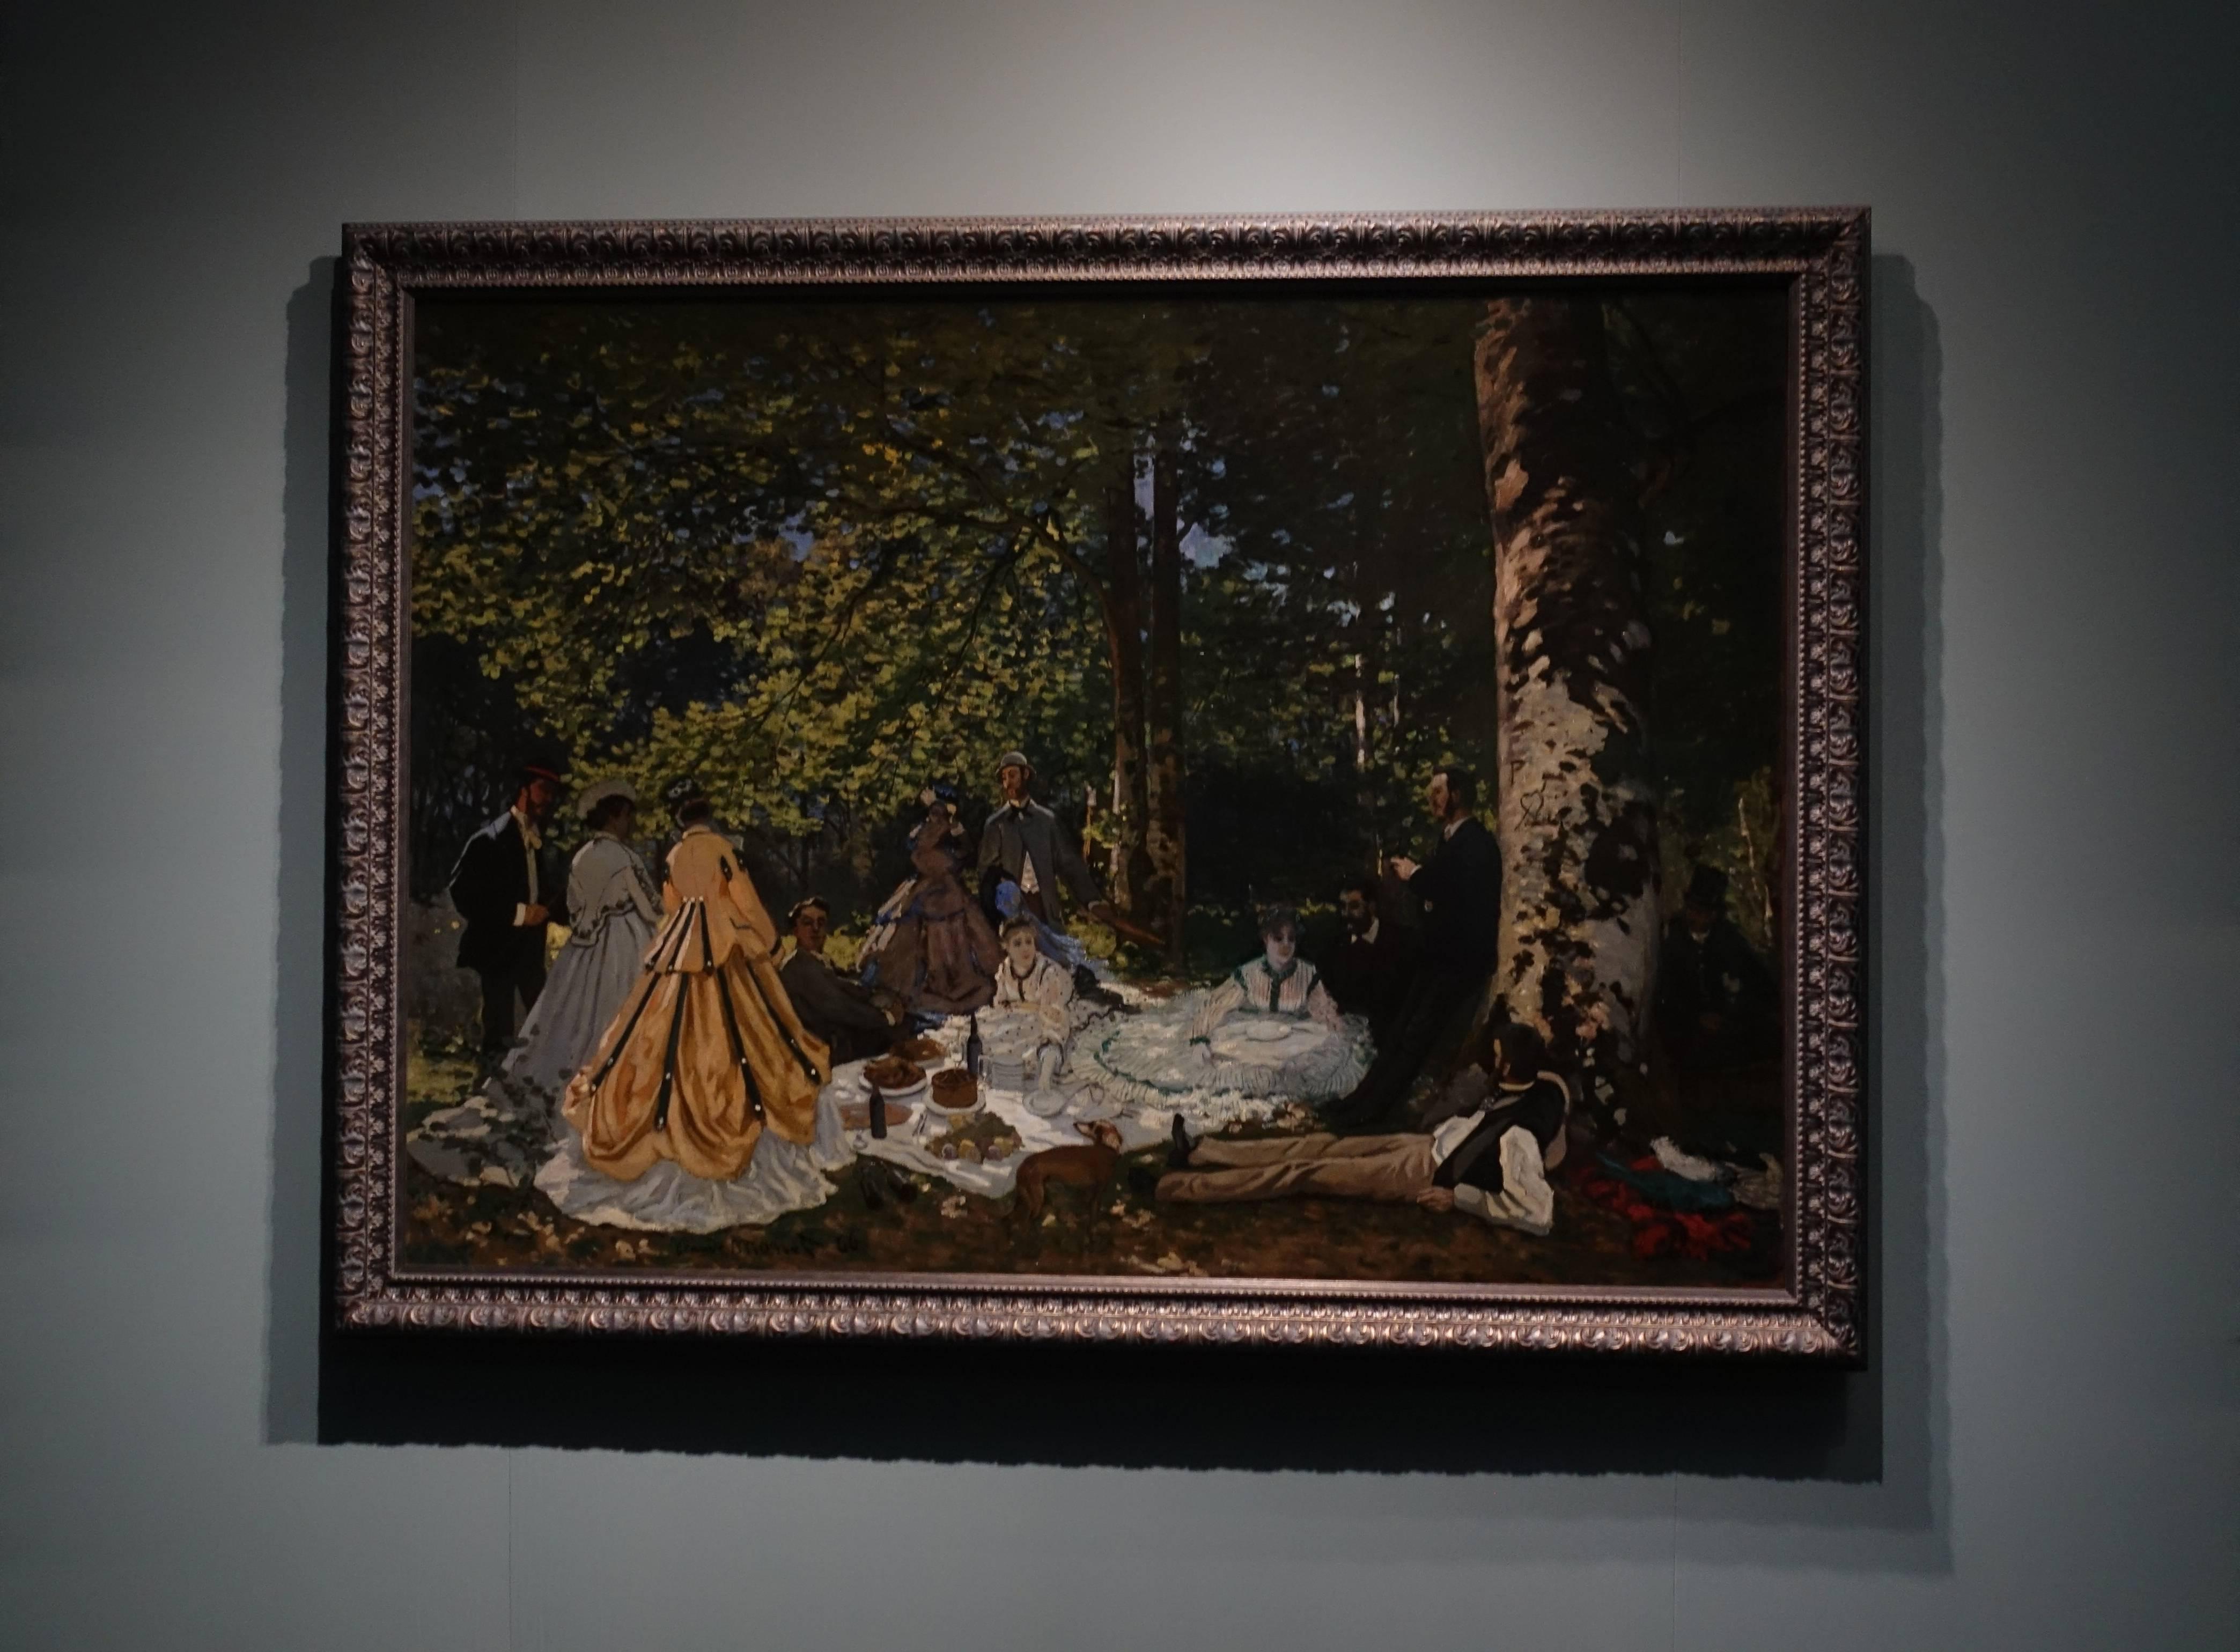 克勞德•莫內 Claude Monet ,《草地上的午餐LuncheonontheGrass》,油彩、畫布 Oil on canvas,1866。